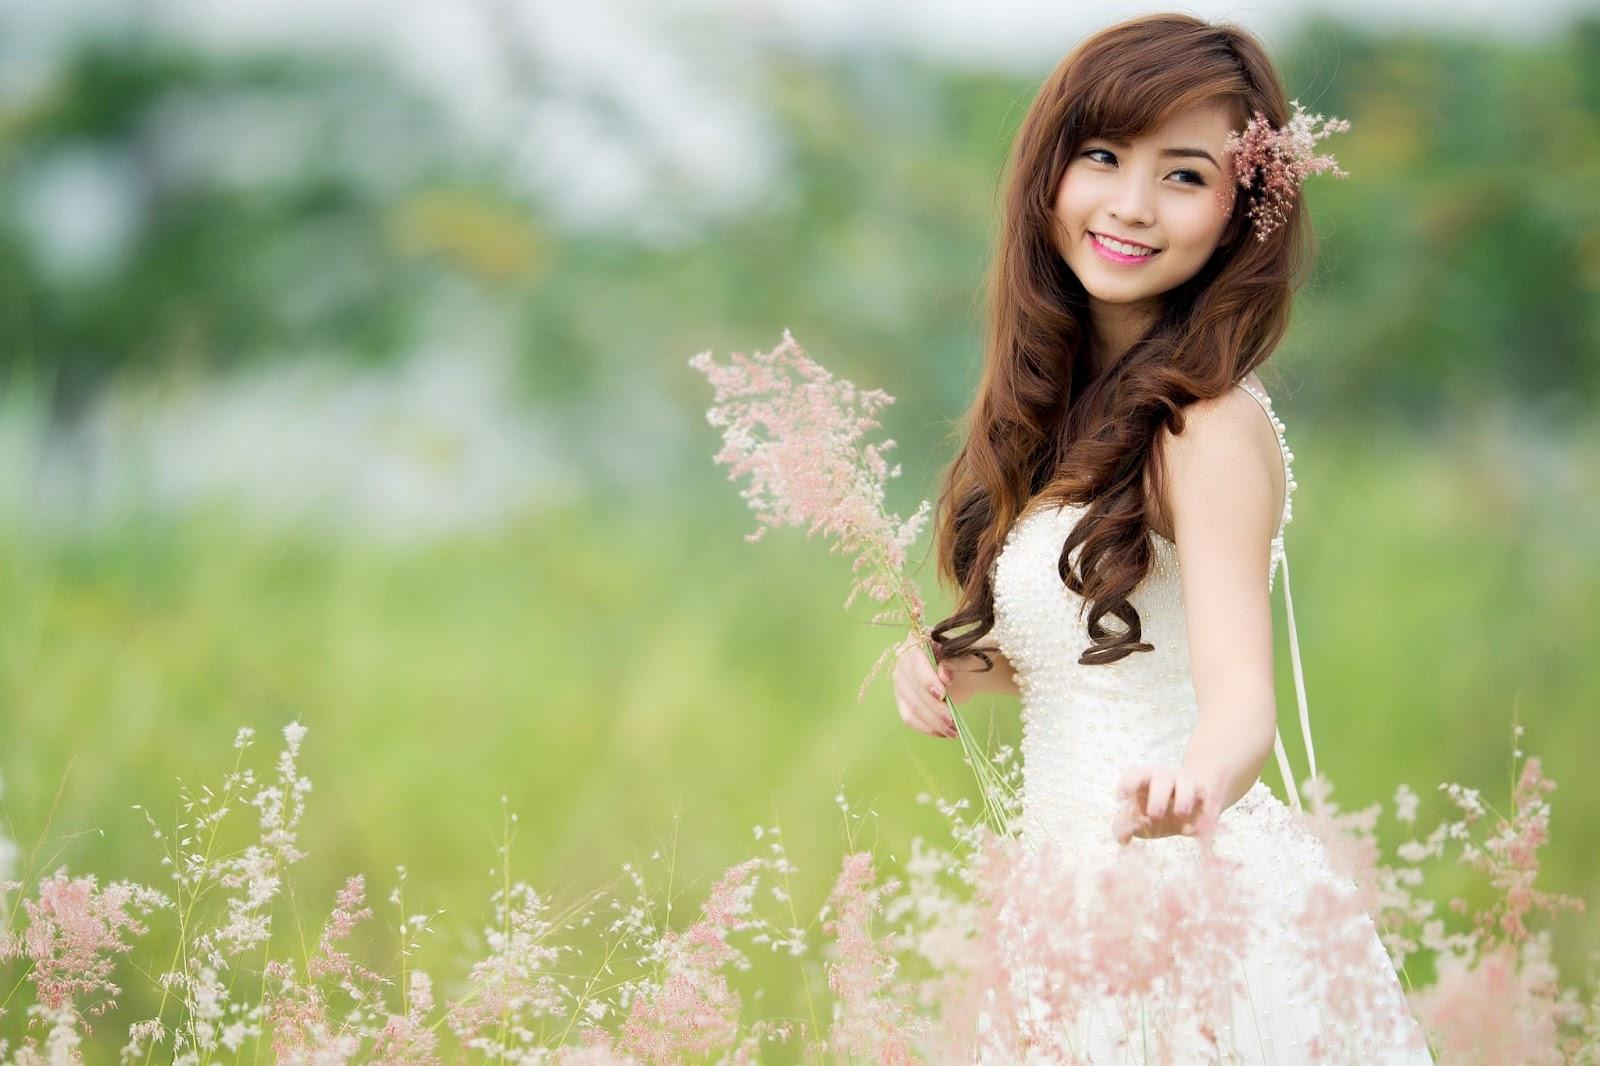 Bạn sẽ trở thành cô dâu xinh đẹp nhất nếu thực hiện đầy đủ các bước chăm sóc da ở trên